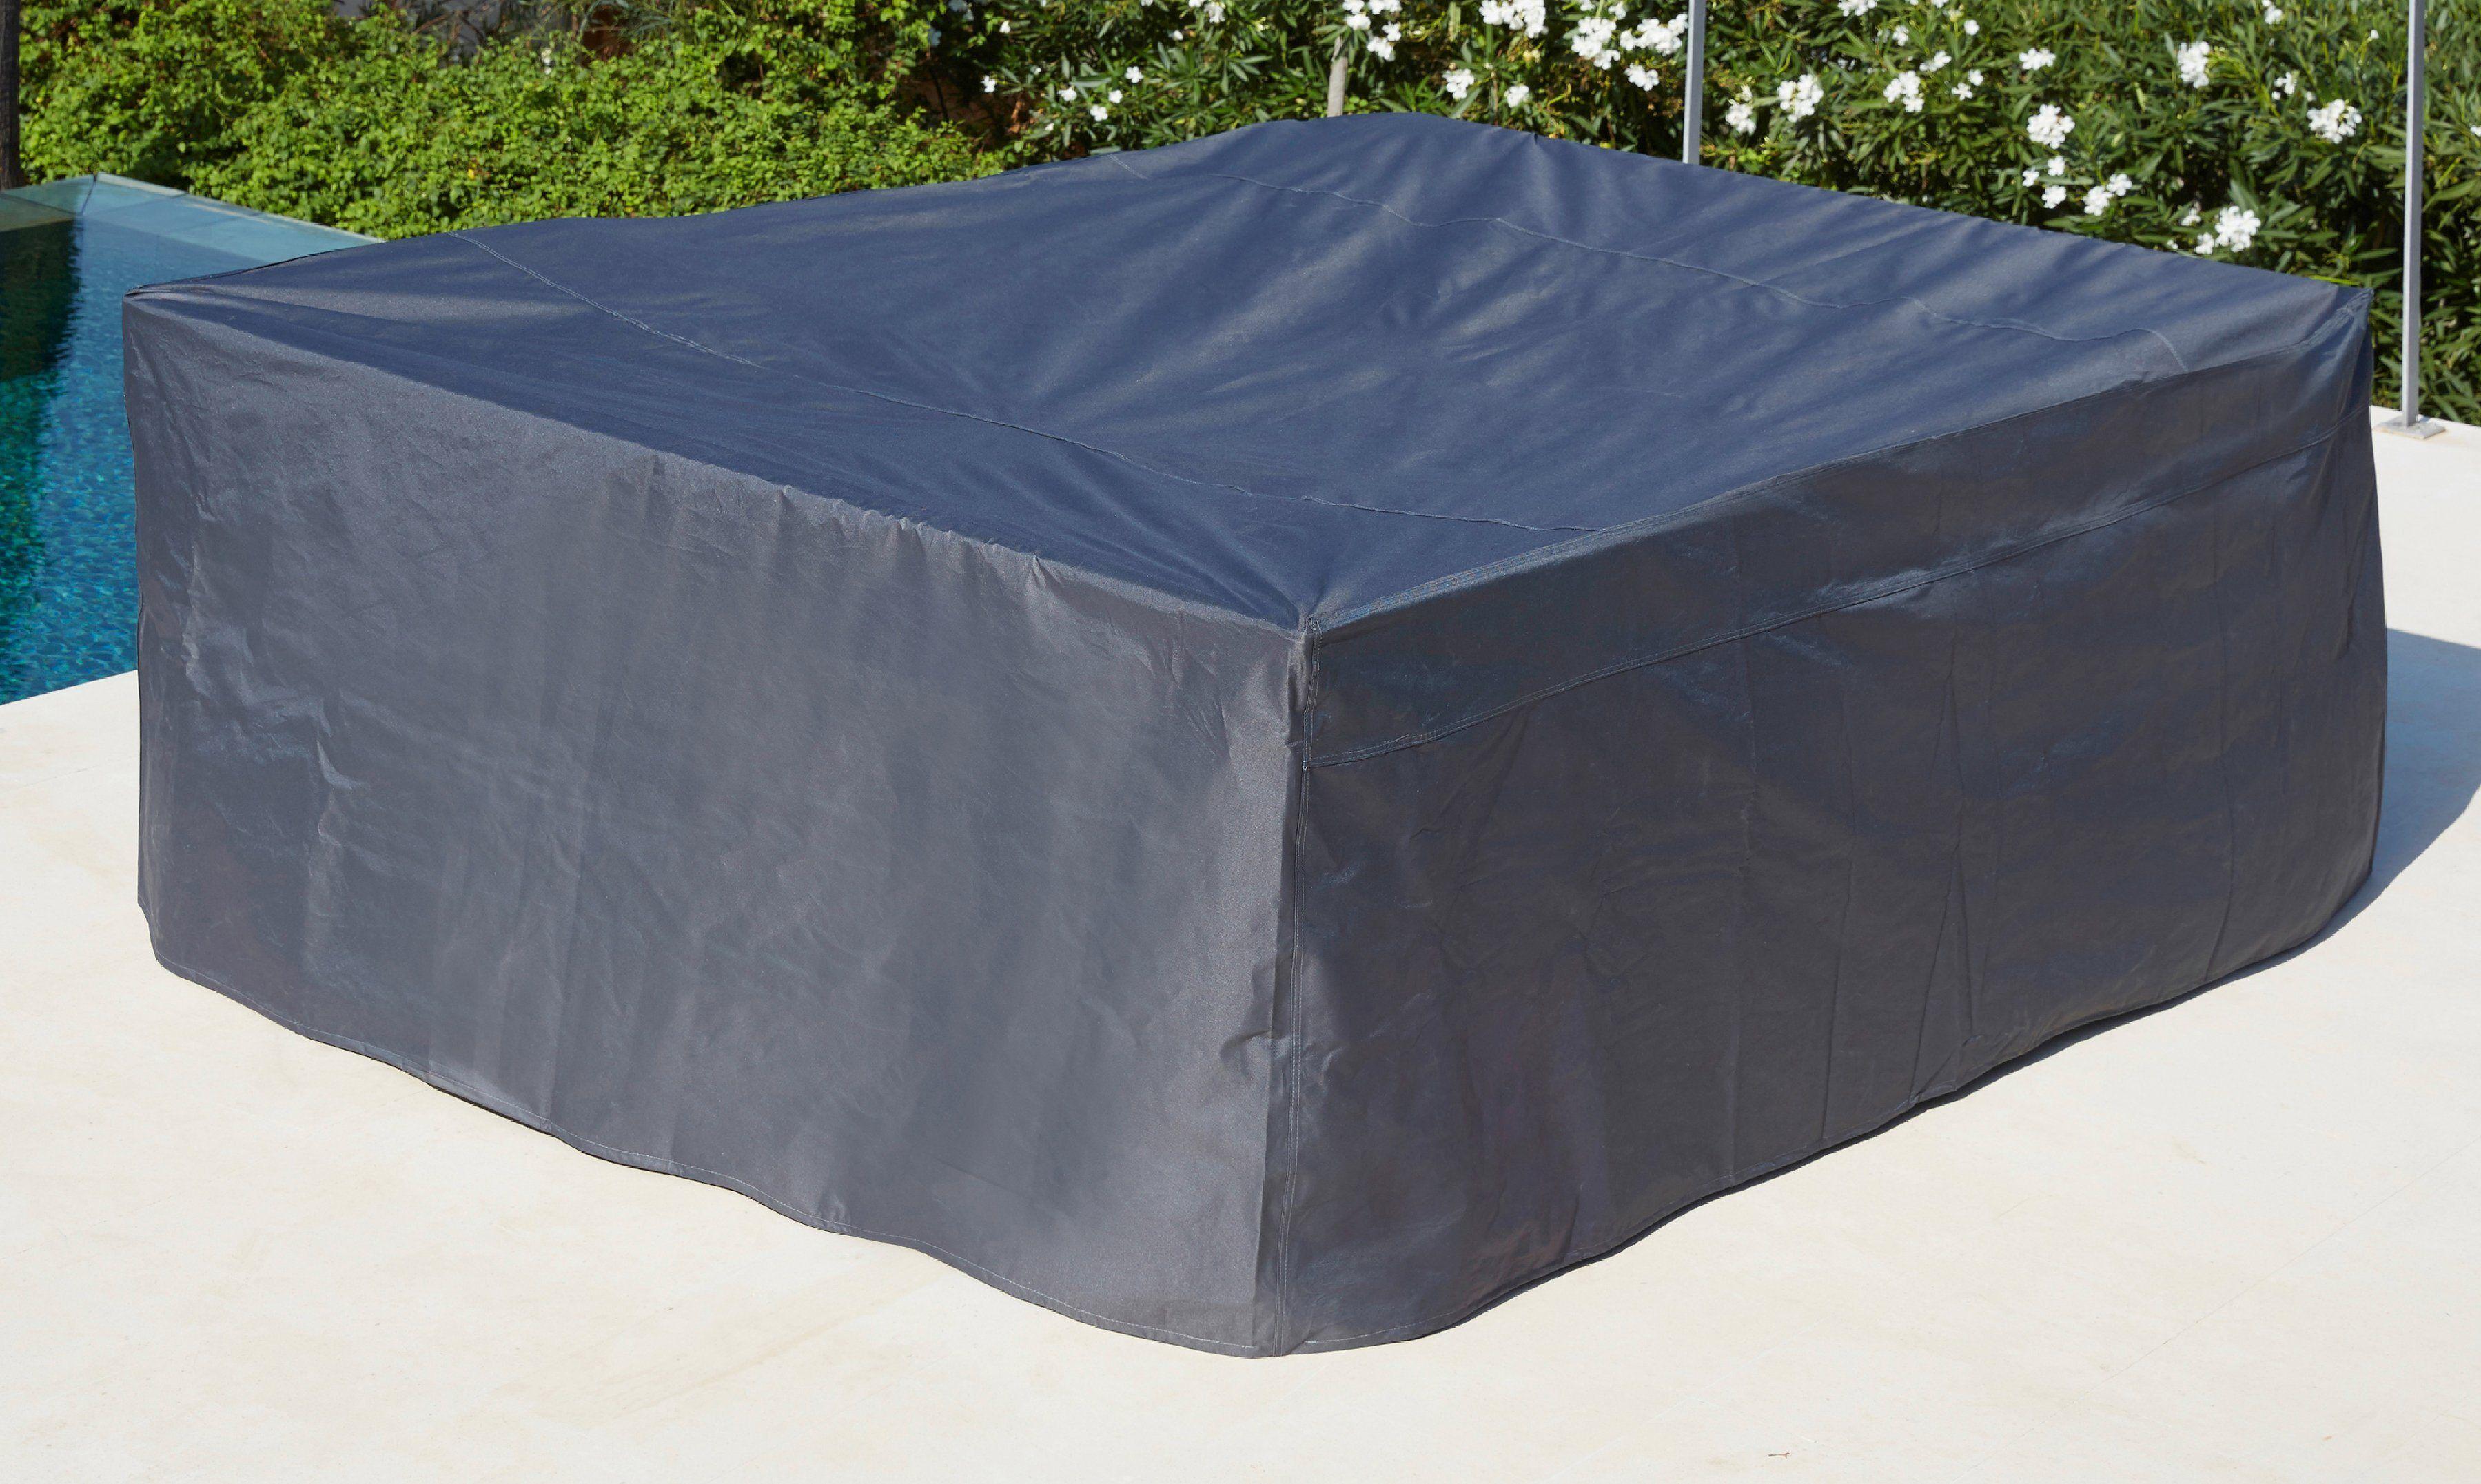 garten gut Schutzhülle Eckloungeset, (L/B/H): ca. 200x251x85 cm, grau